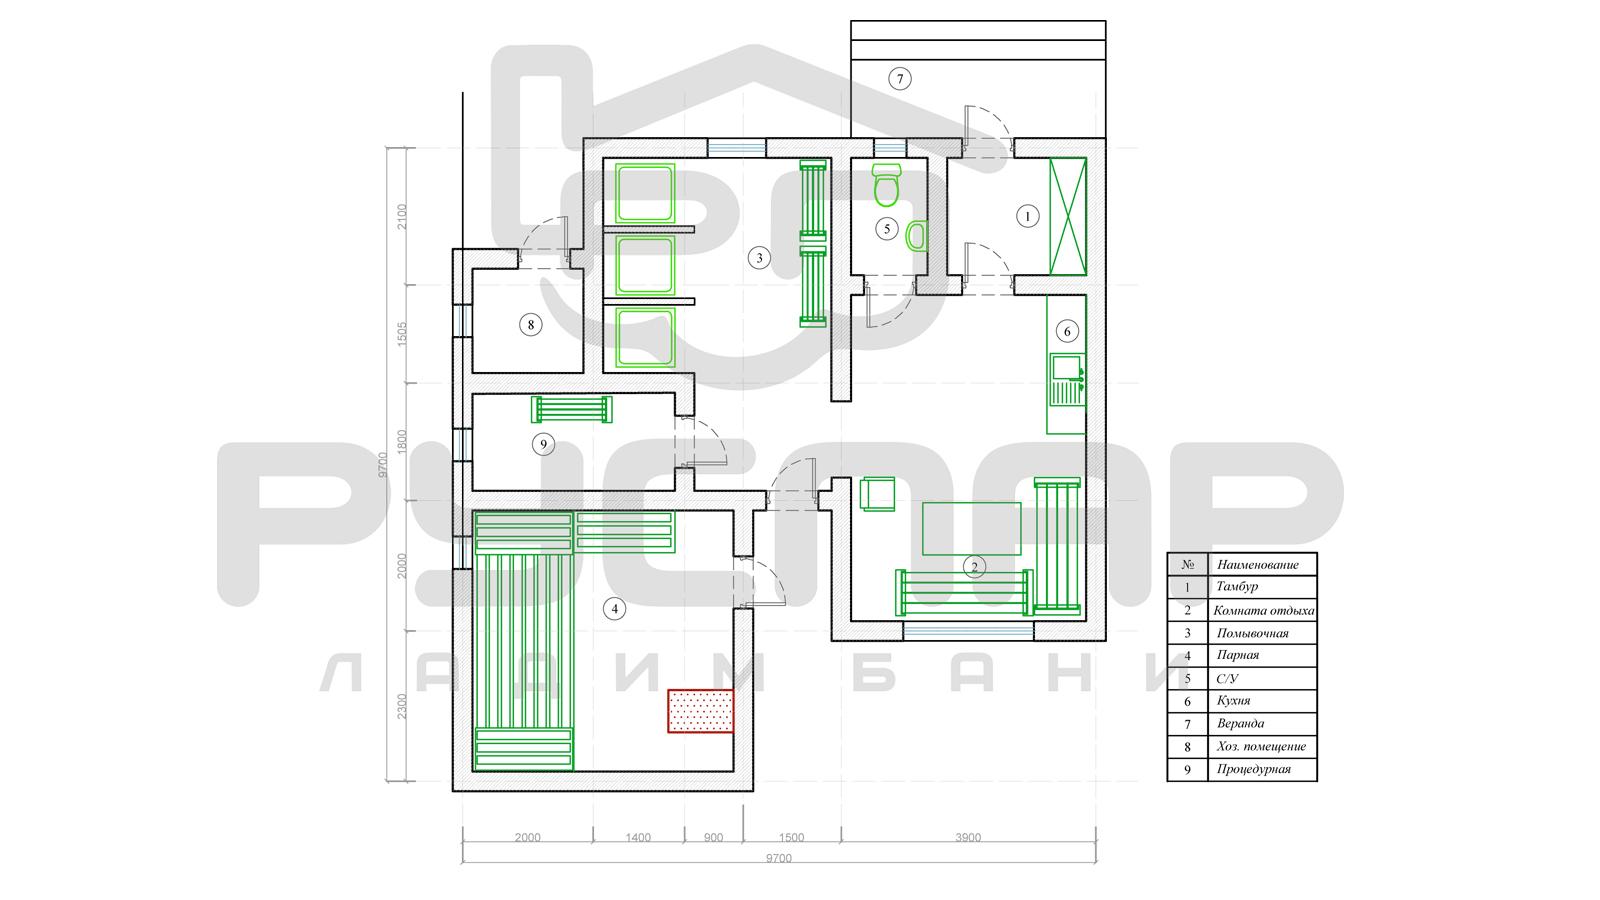 схема дымохода банной печи череповецкая домна